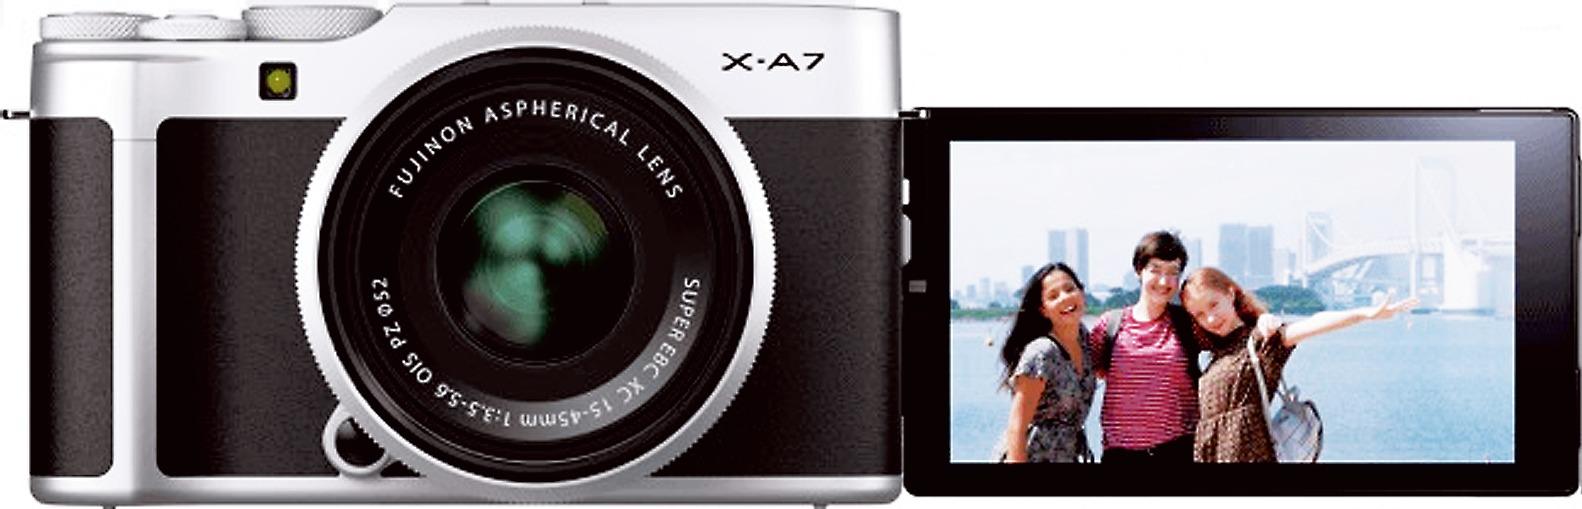 ミラーレスデジタルカメラ「FUJIFILM X-A7」